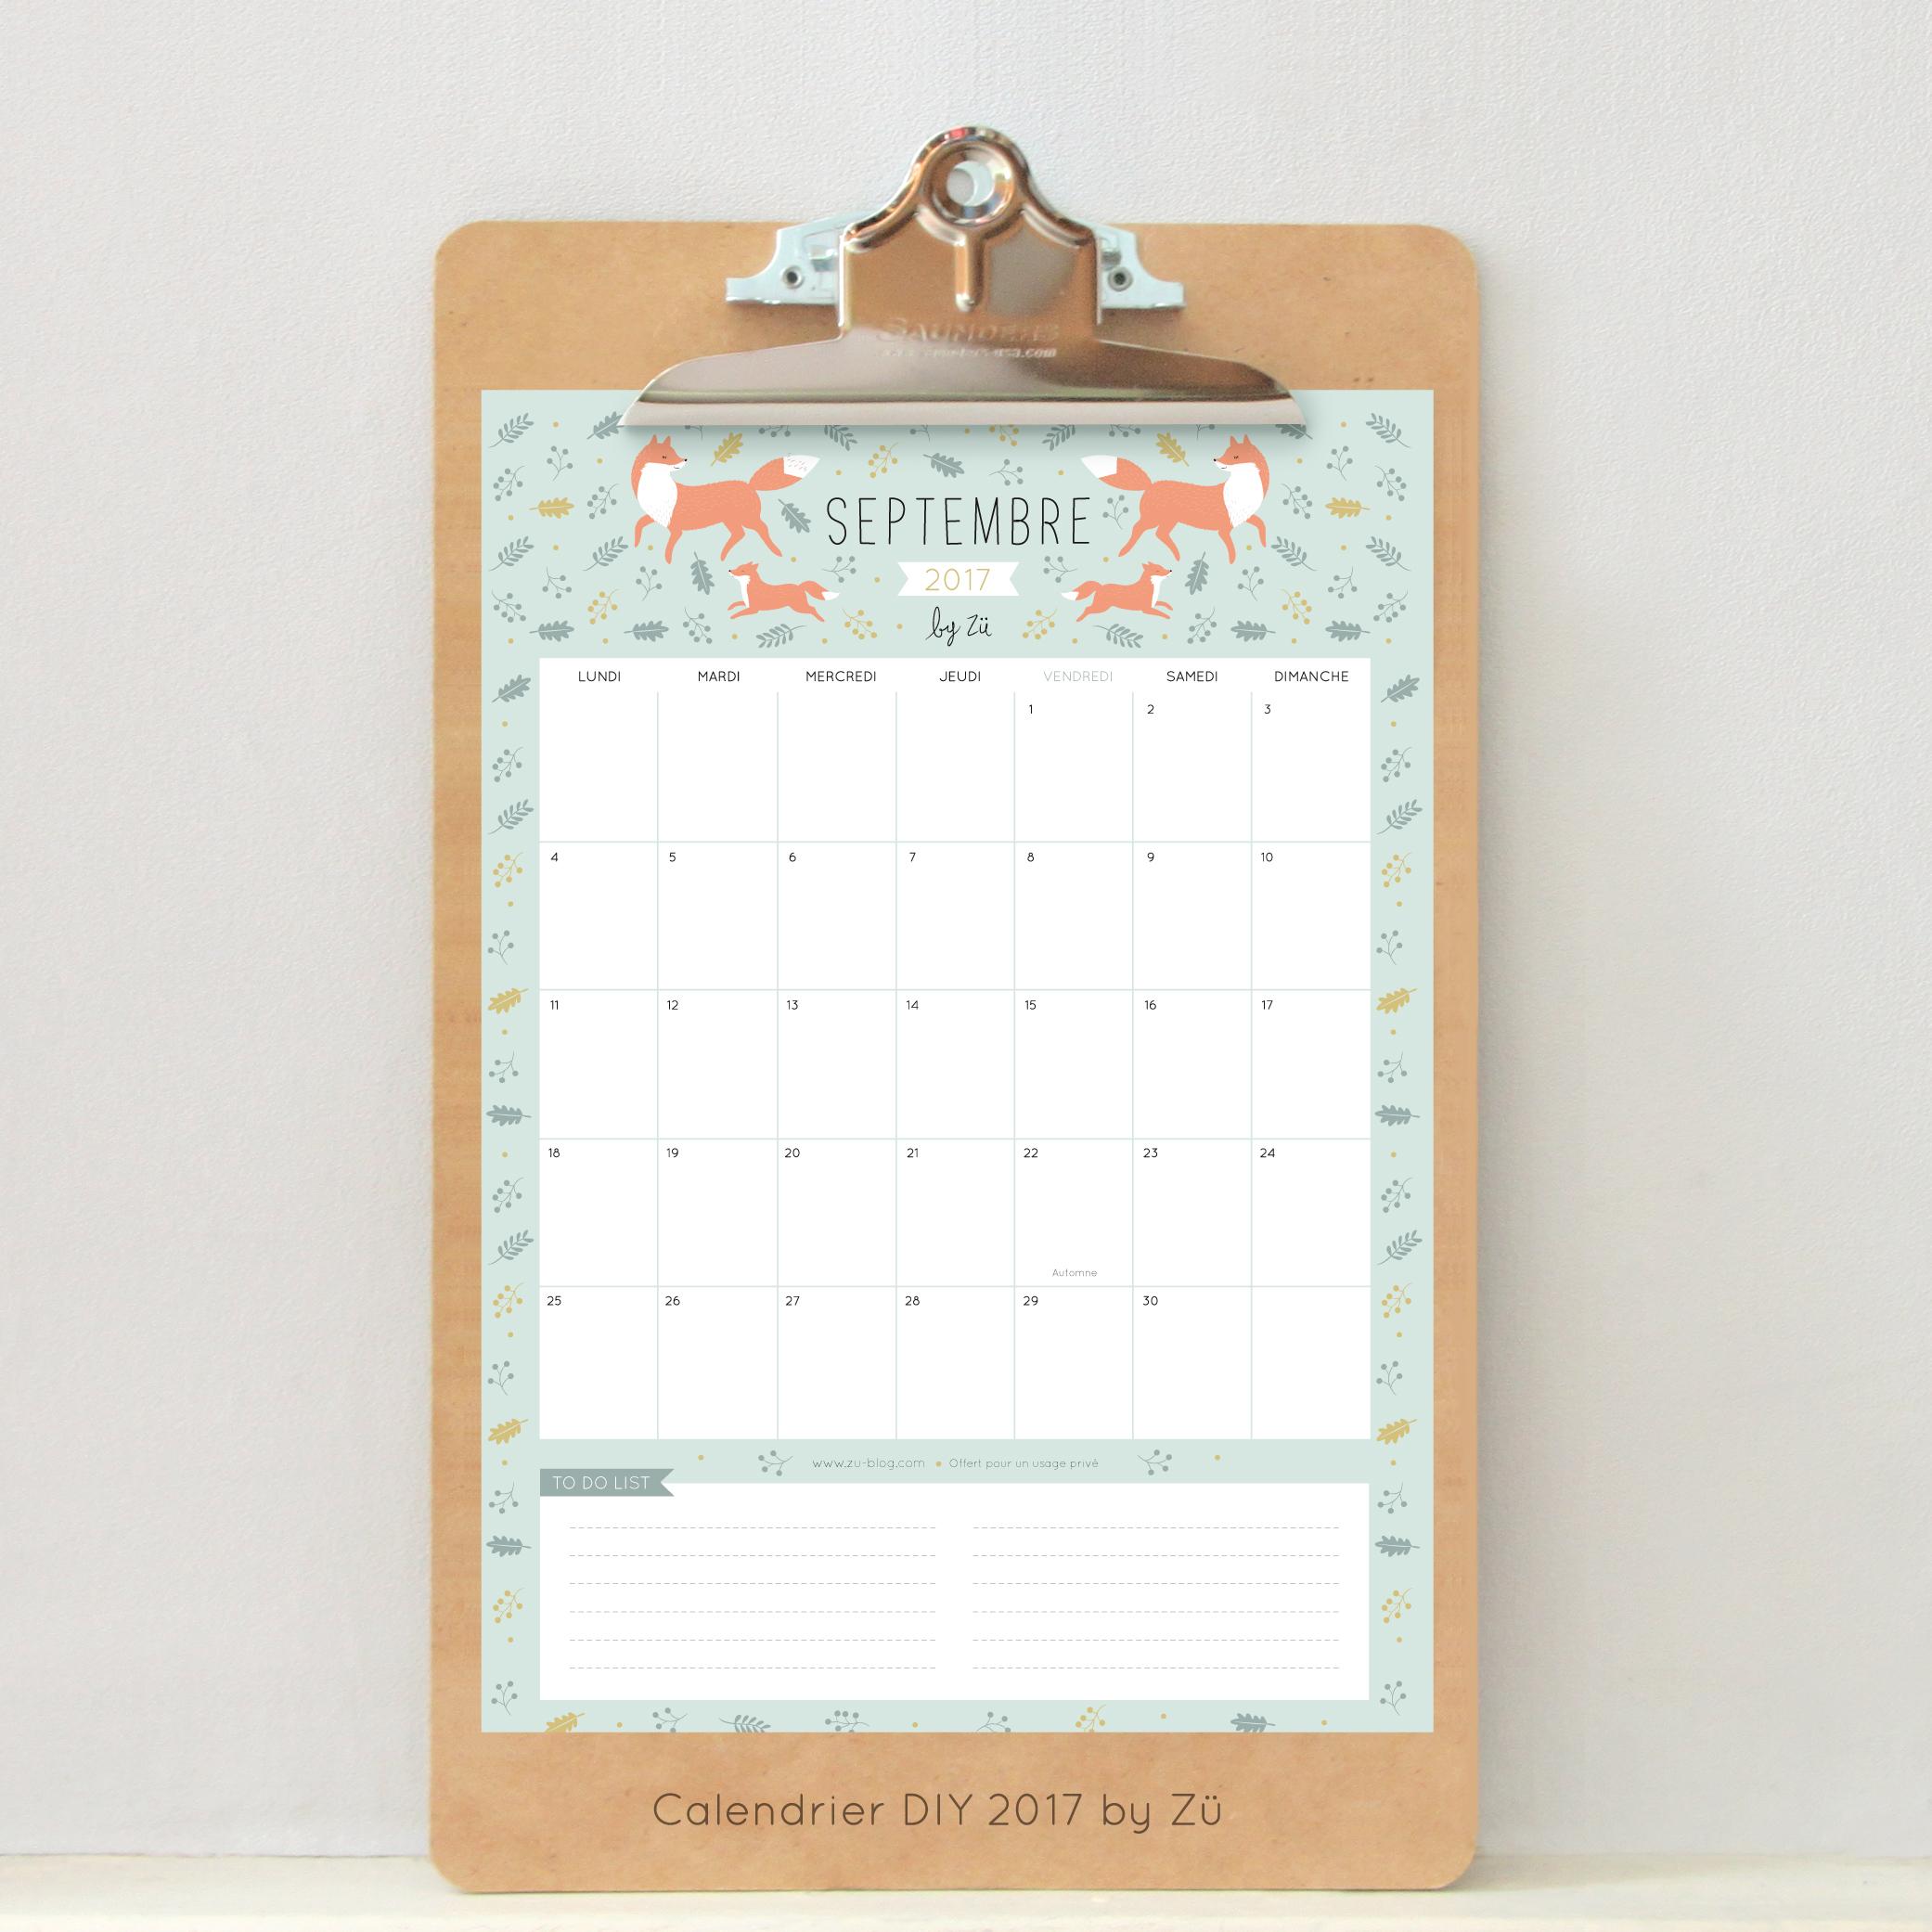 Le calendrier diy septembre 2017 z le blog - Calendrier lune septembre 2017 ...